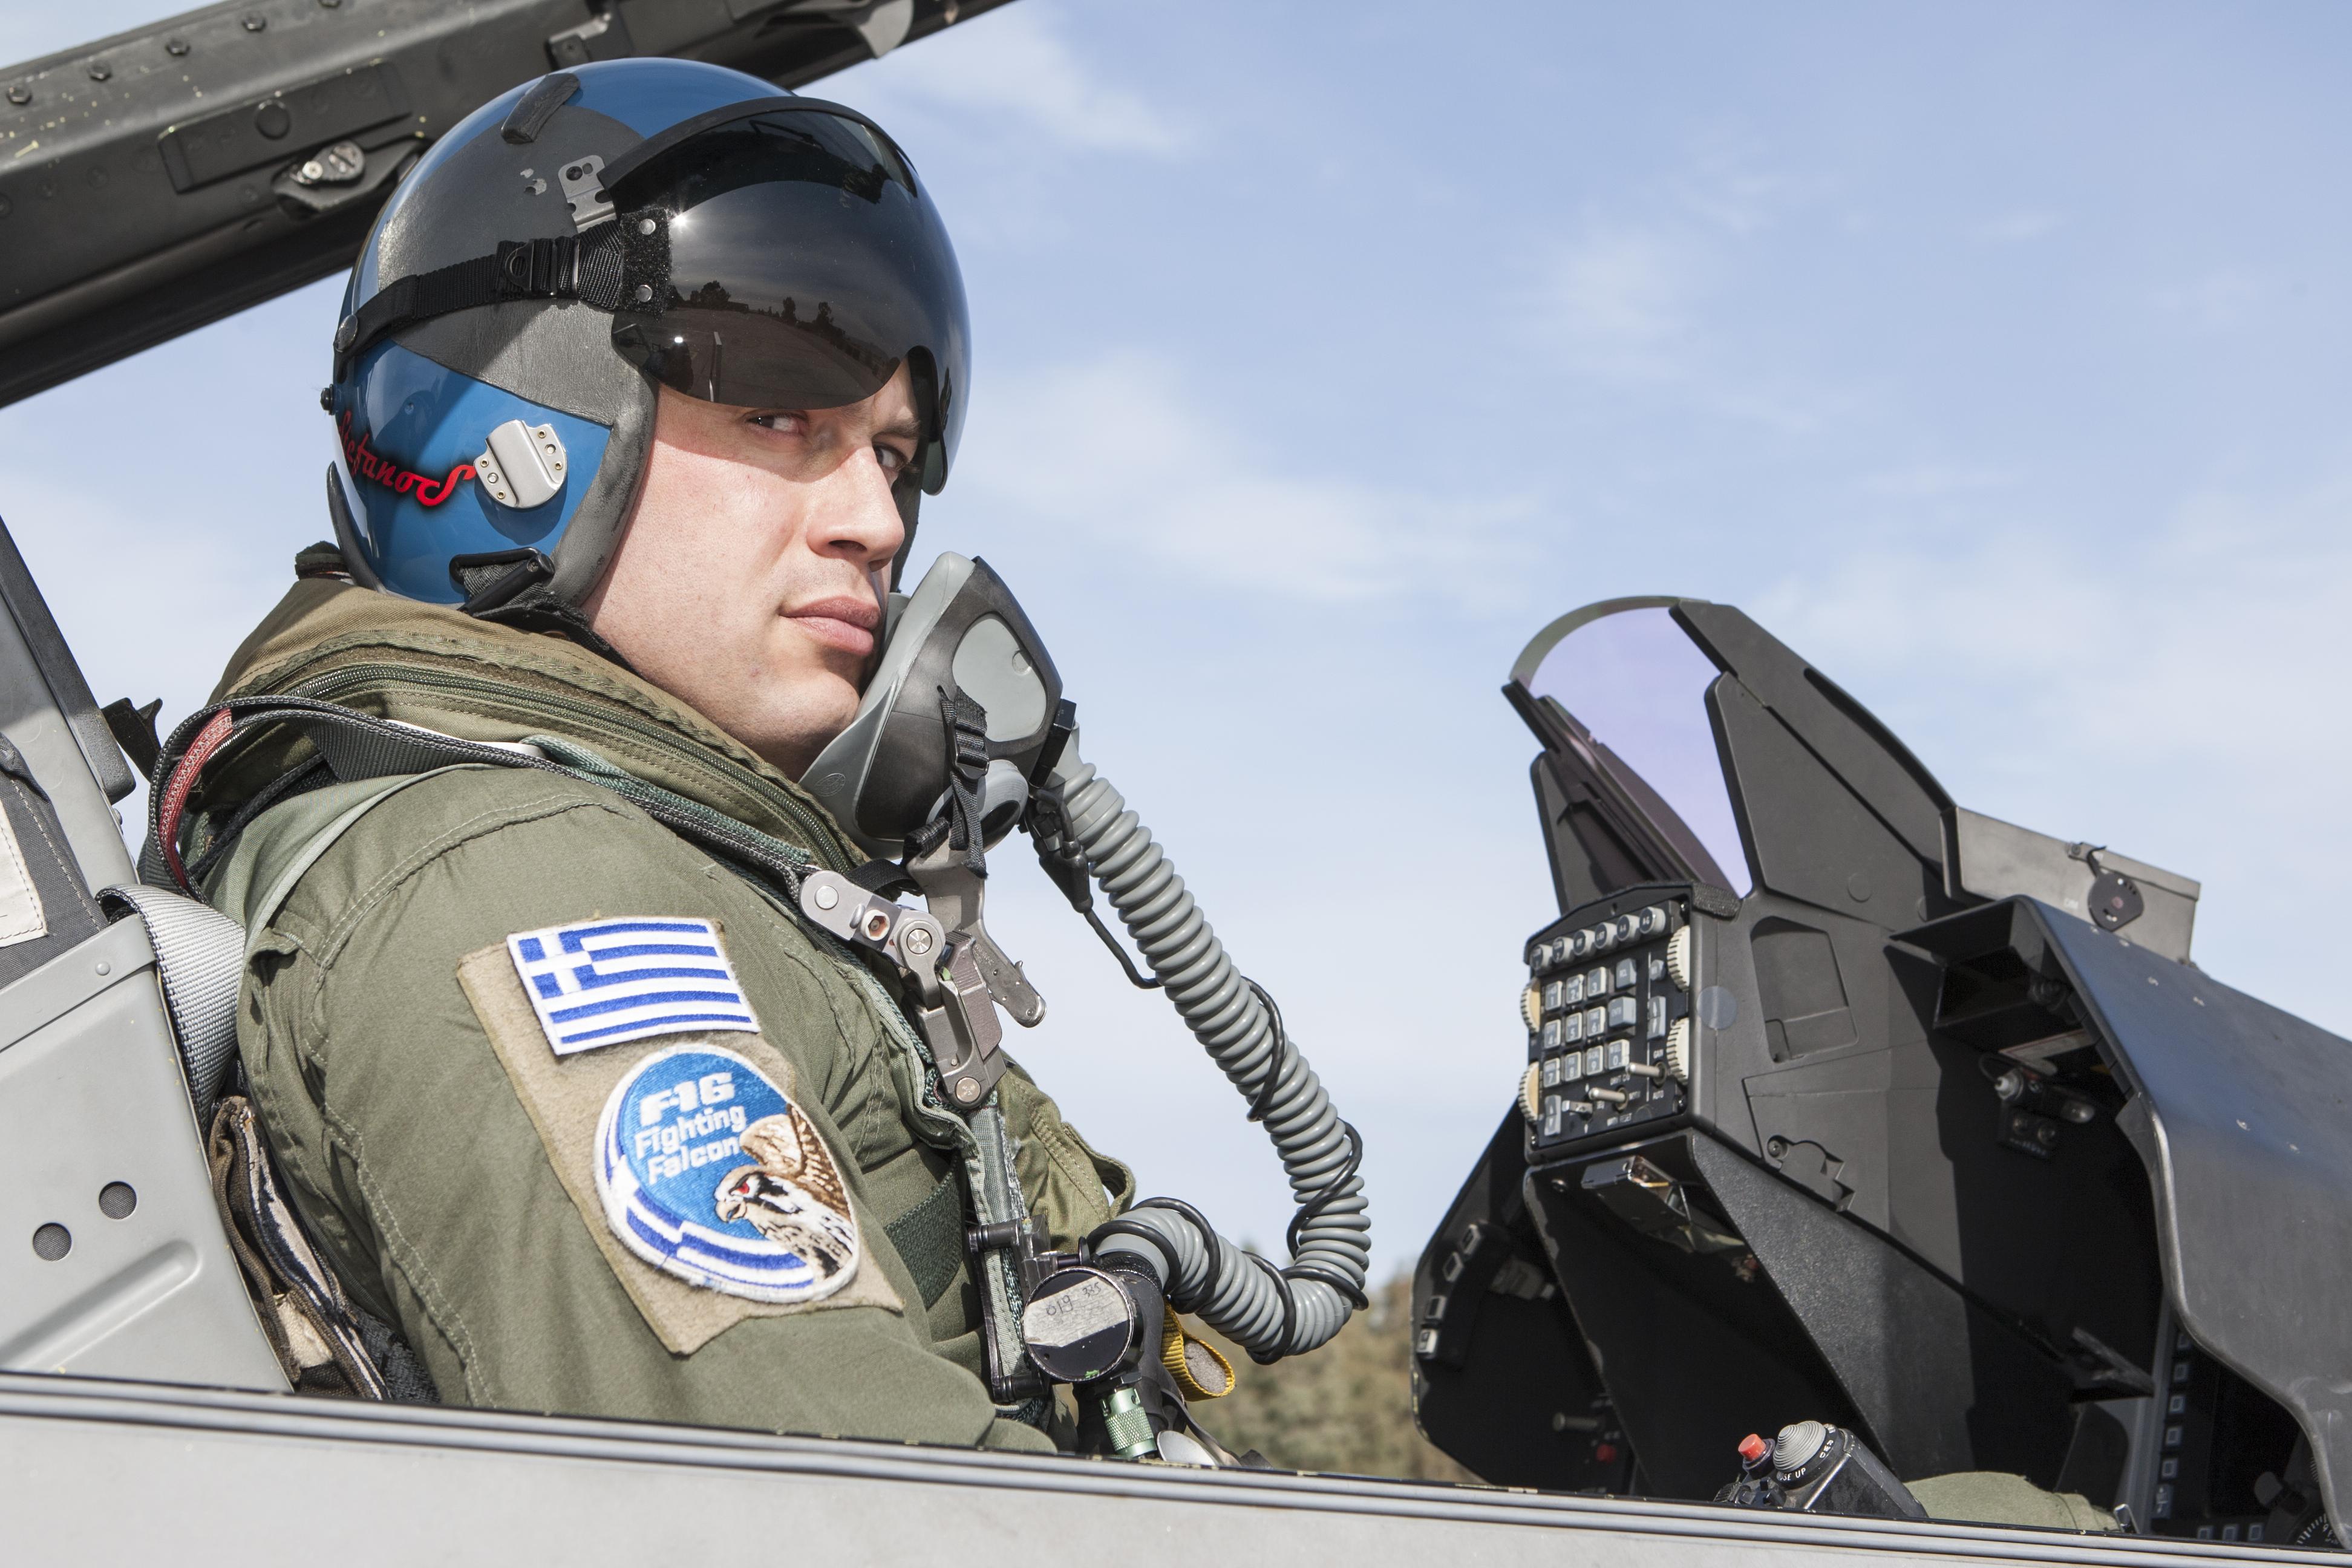 Τα Rafale στο Αιγαίο: Οι προβλέψεις του Έλληνα πιλότου που έχει πετάξει με τα γαλλικά μαχητικά